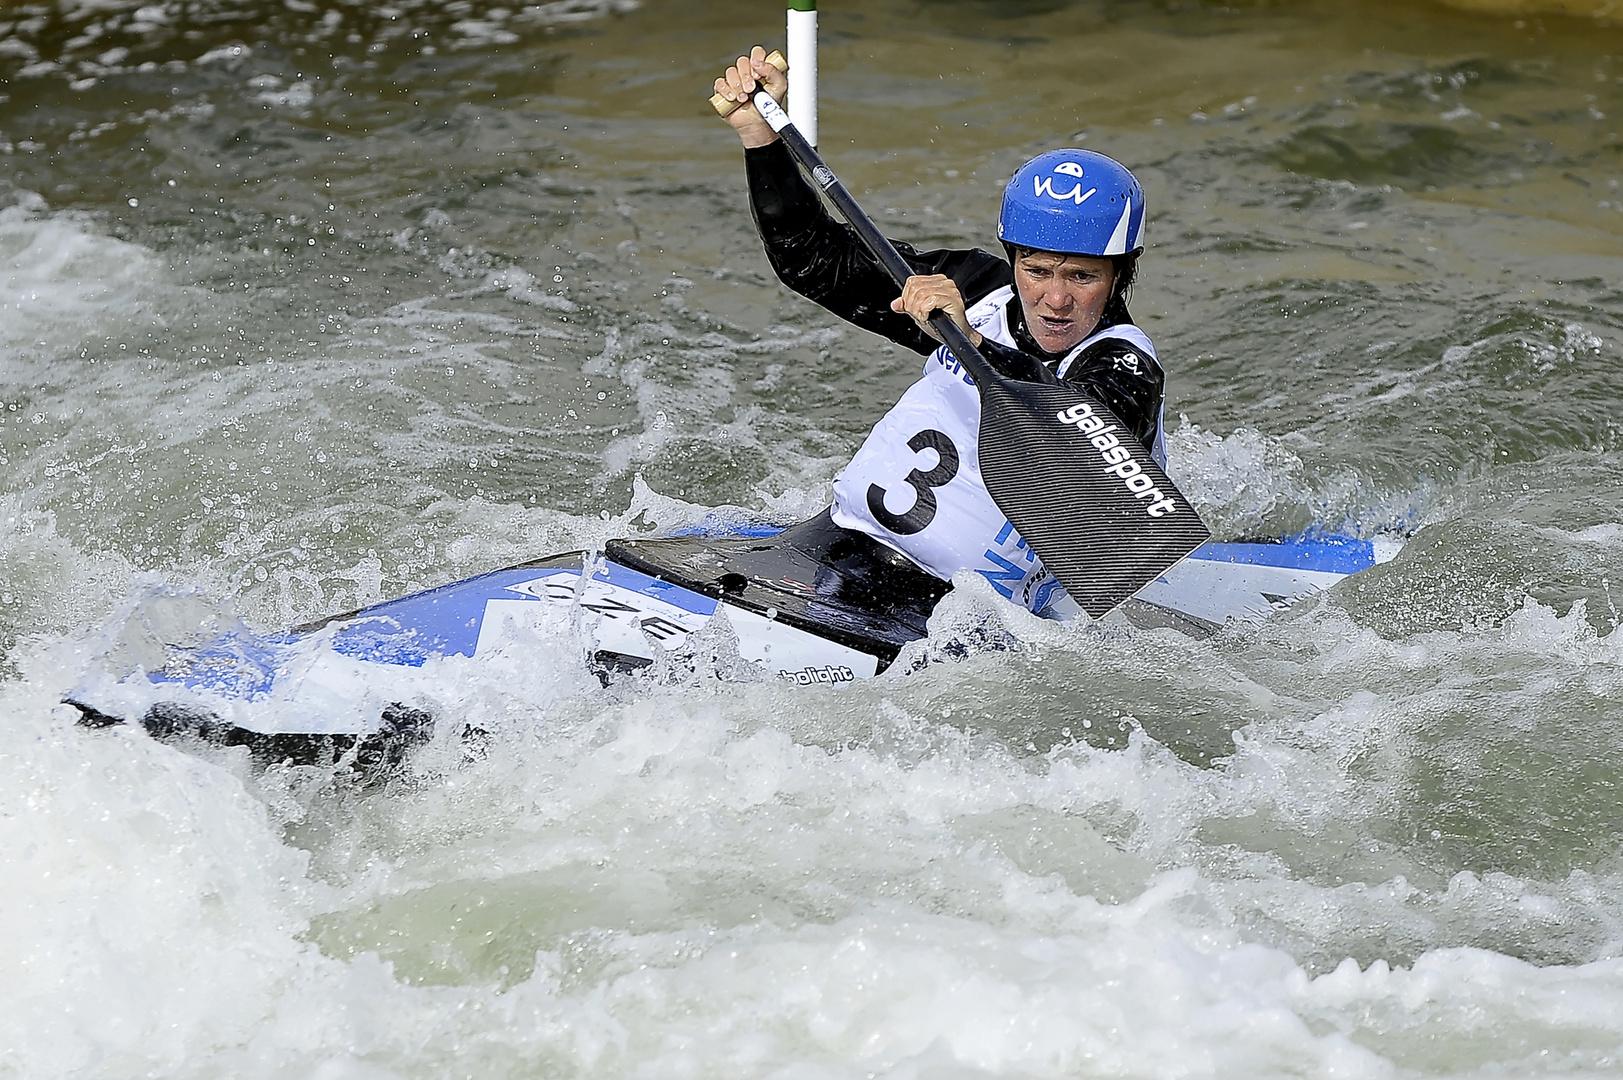 01 Wildwasser Kanu-Europameisterschaft 2014 Verbund Wasserarena Wien